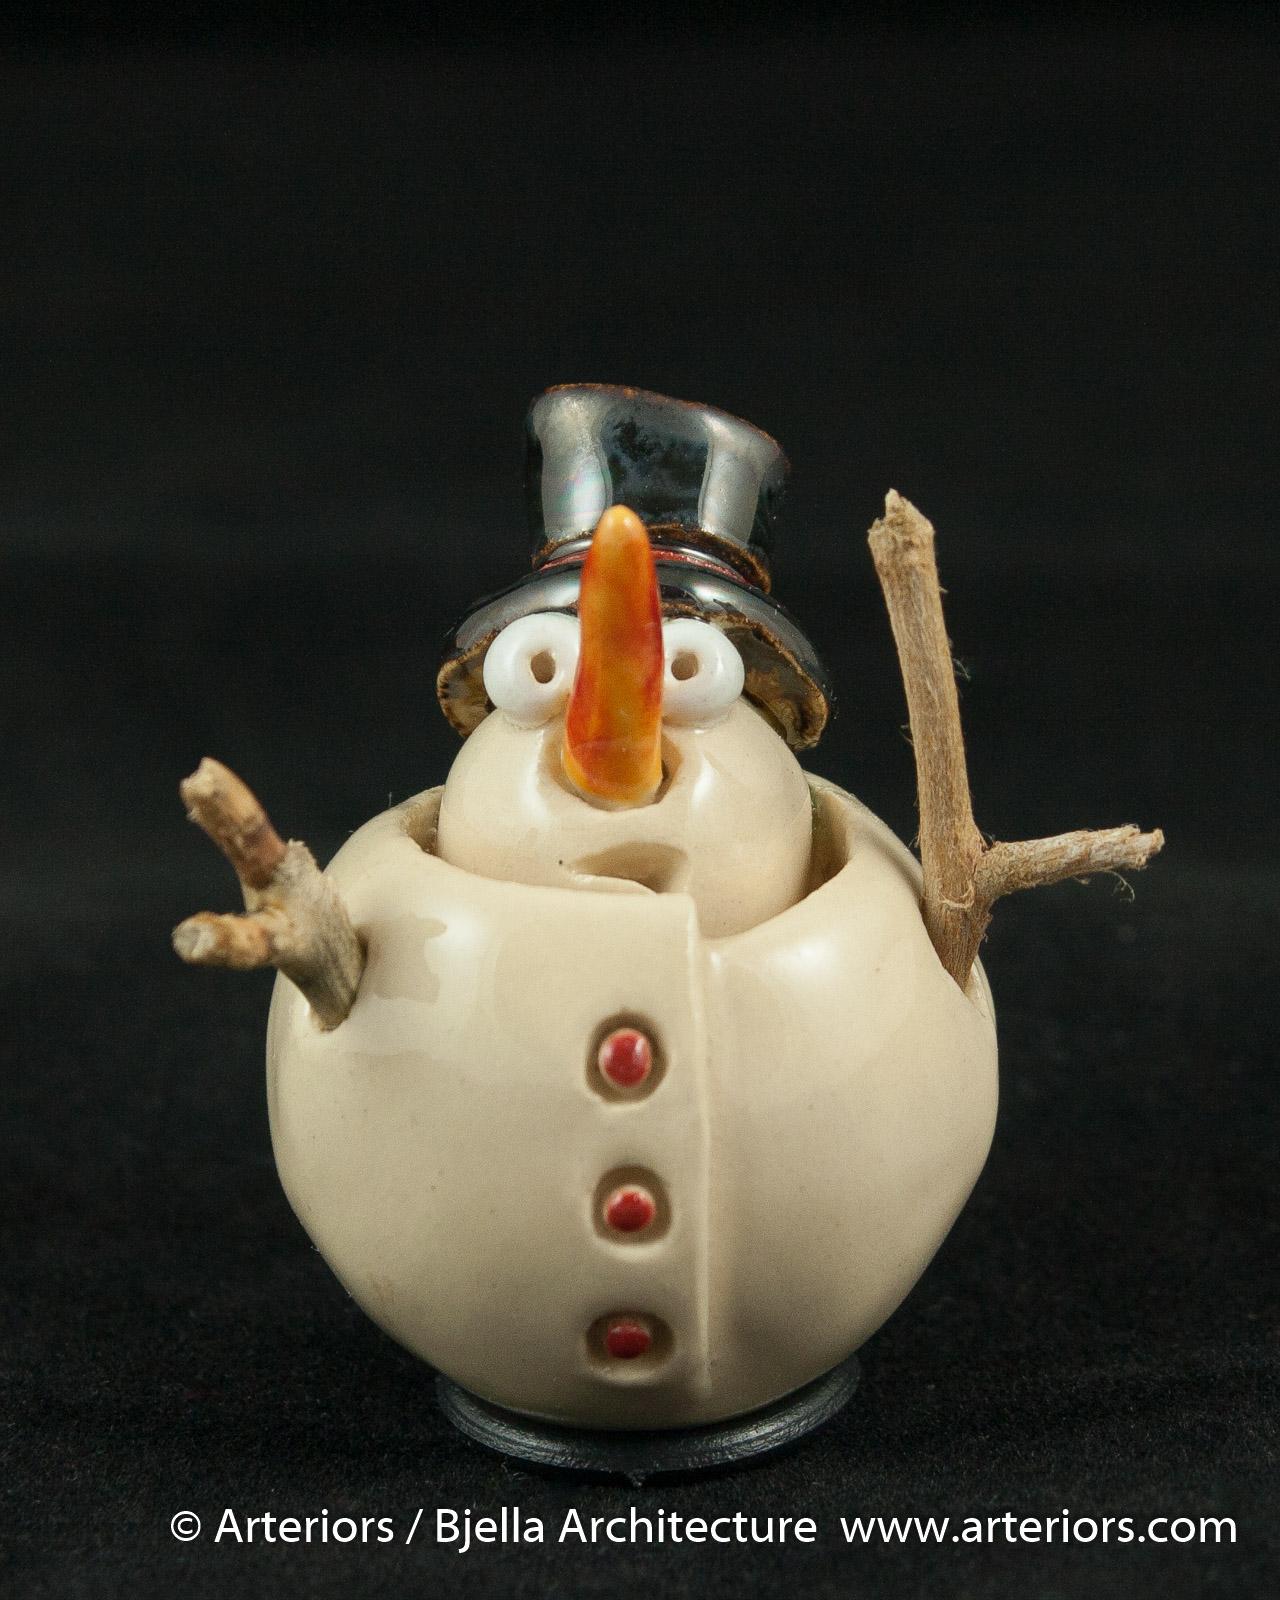 Bjella Snowman Ornament - Day 9 - Cutesy-18